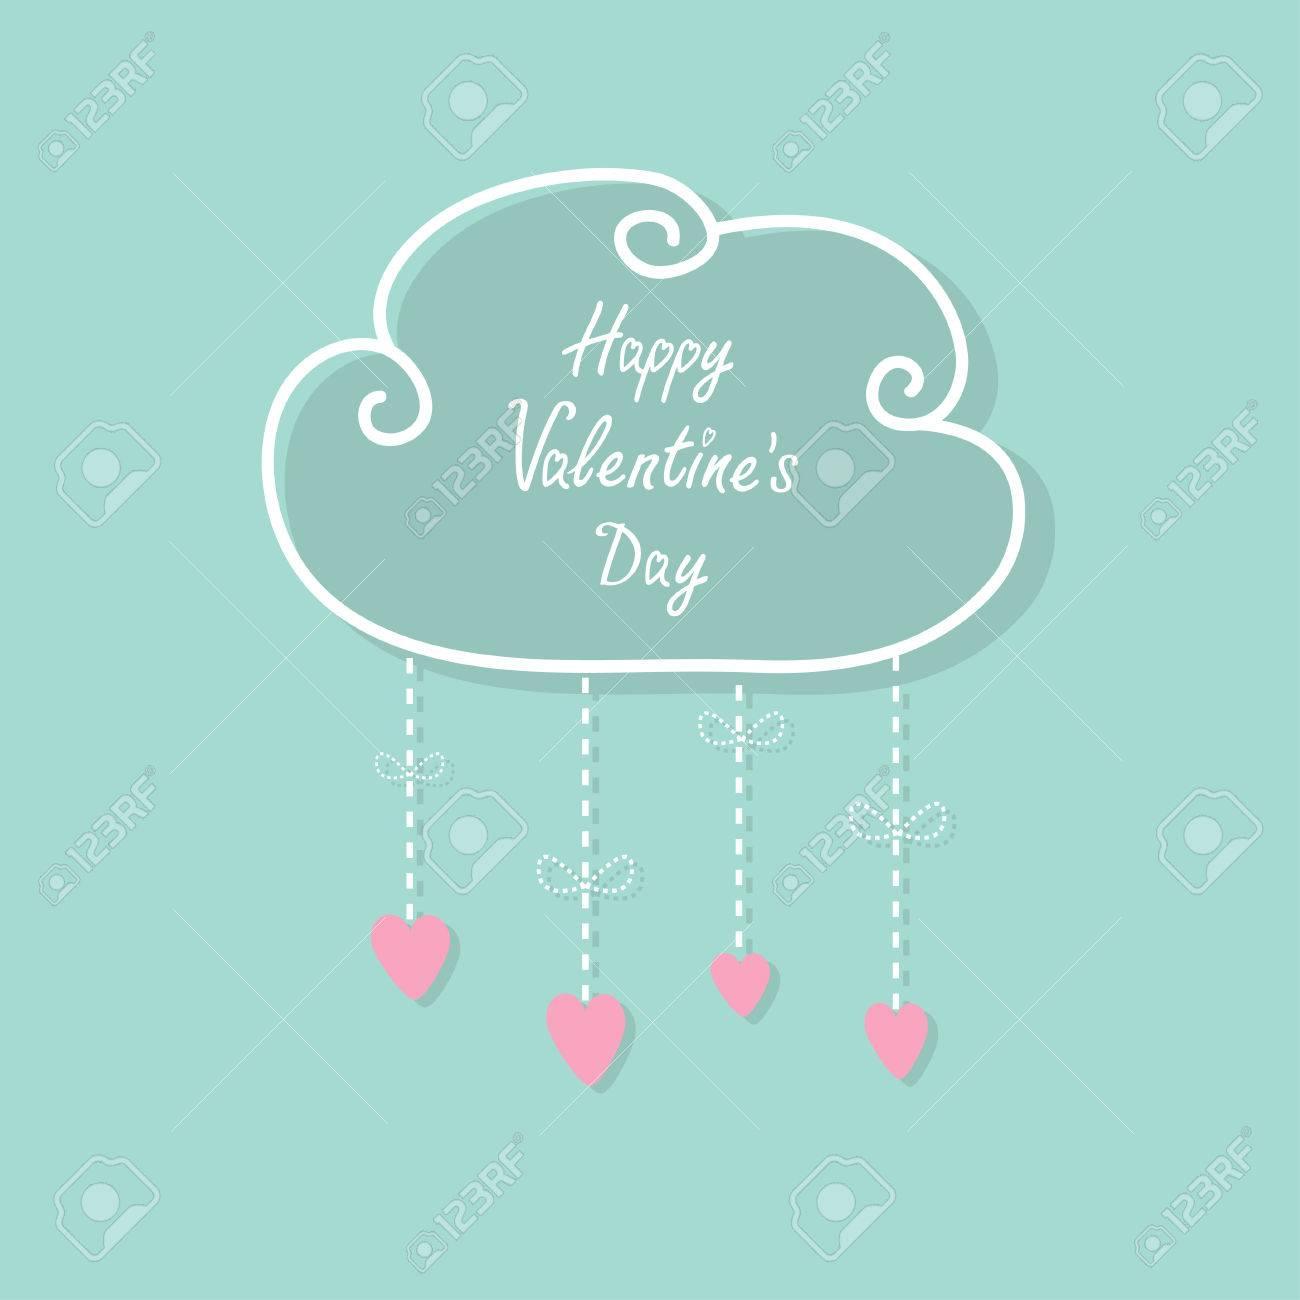 Feliz Día De San Valentín Tarjeta Del Amor Nube Con Gotas Colgando